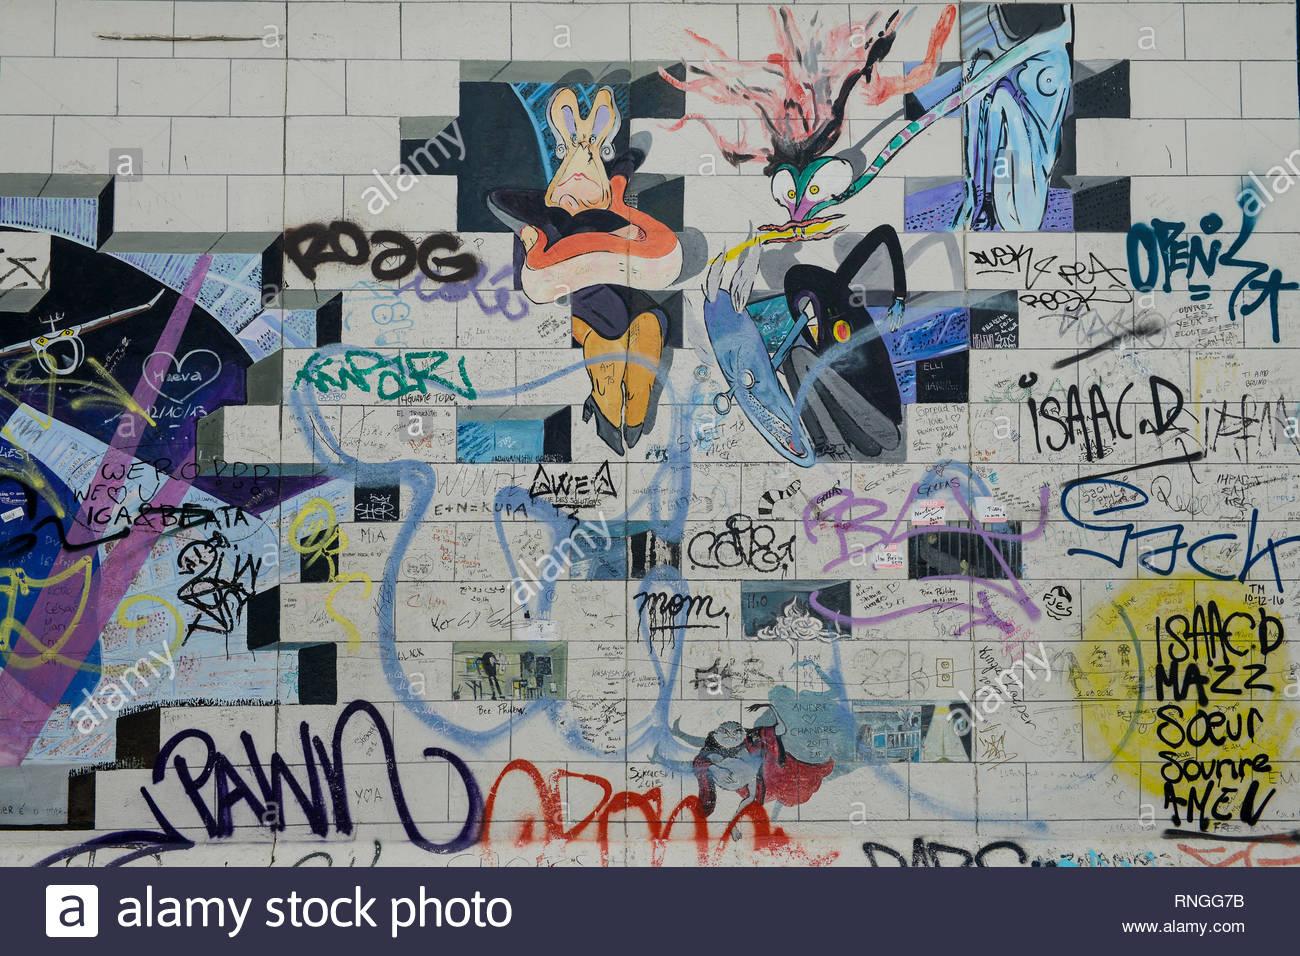 Alemania, Berlín, el muro, East Side Gallery, pared paintíngs y murales sobre la guerra fría y las paredes, Pink Floyd cubrir la pared Imagen De Stock